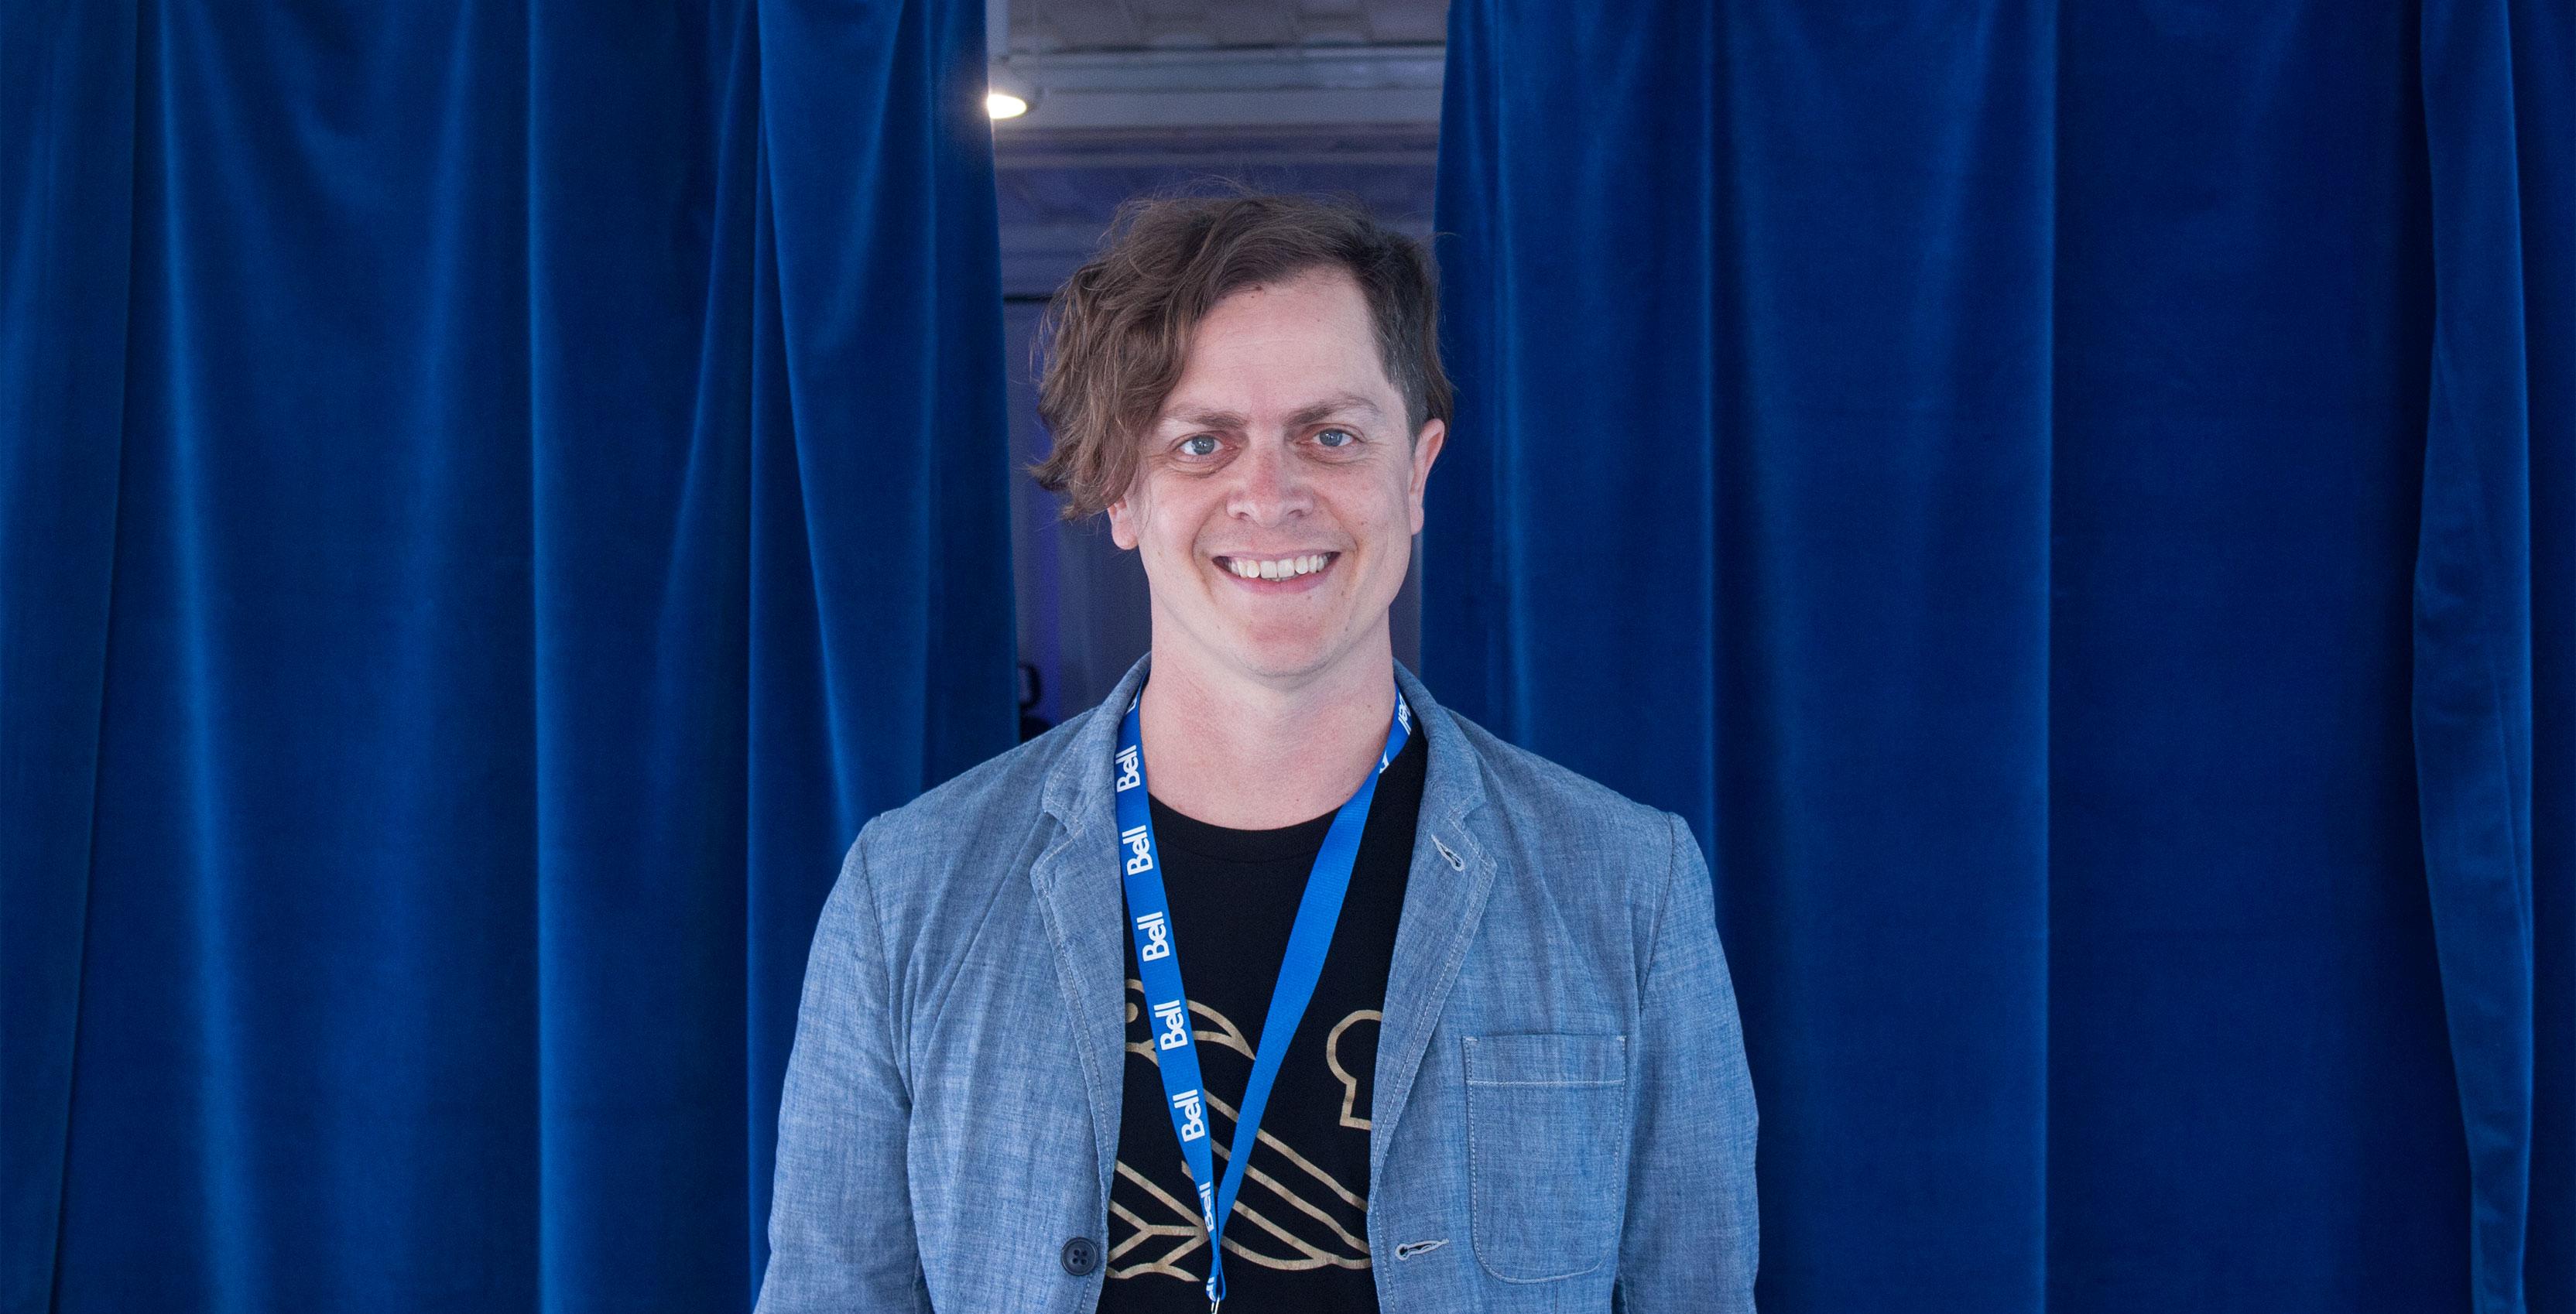 Brandon Oldenberg